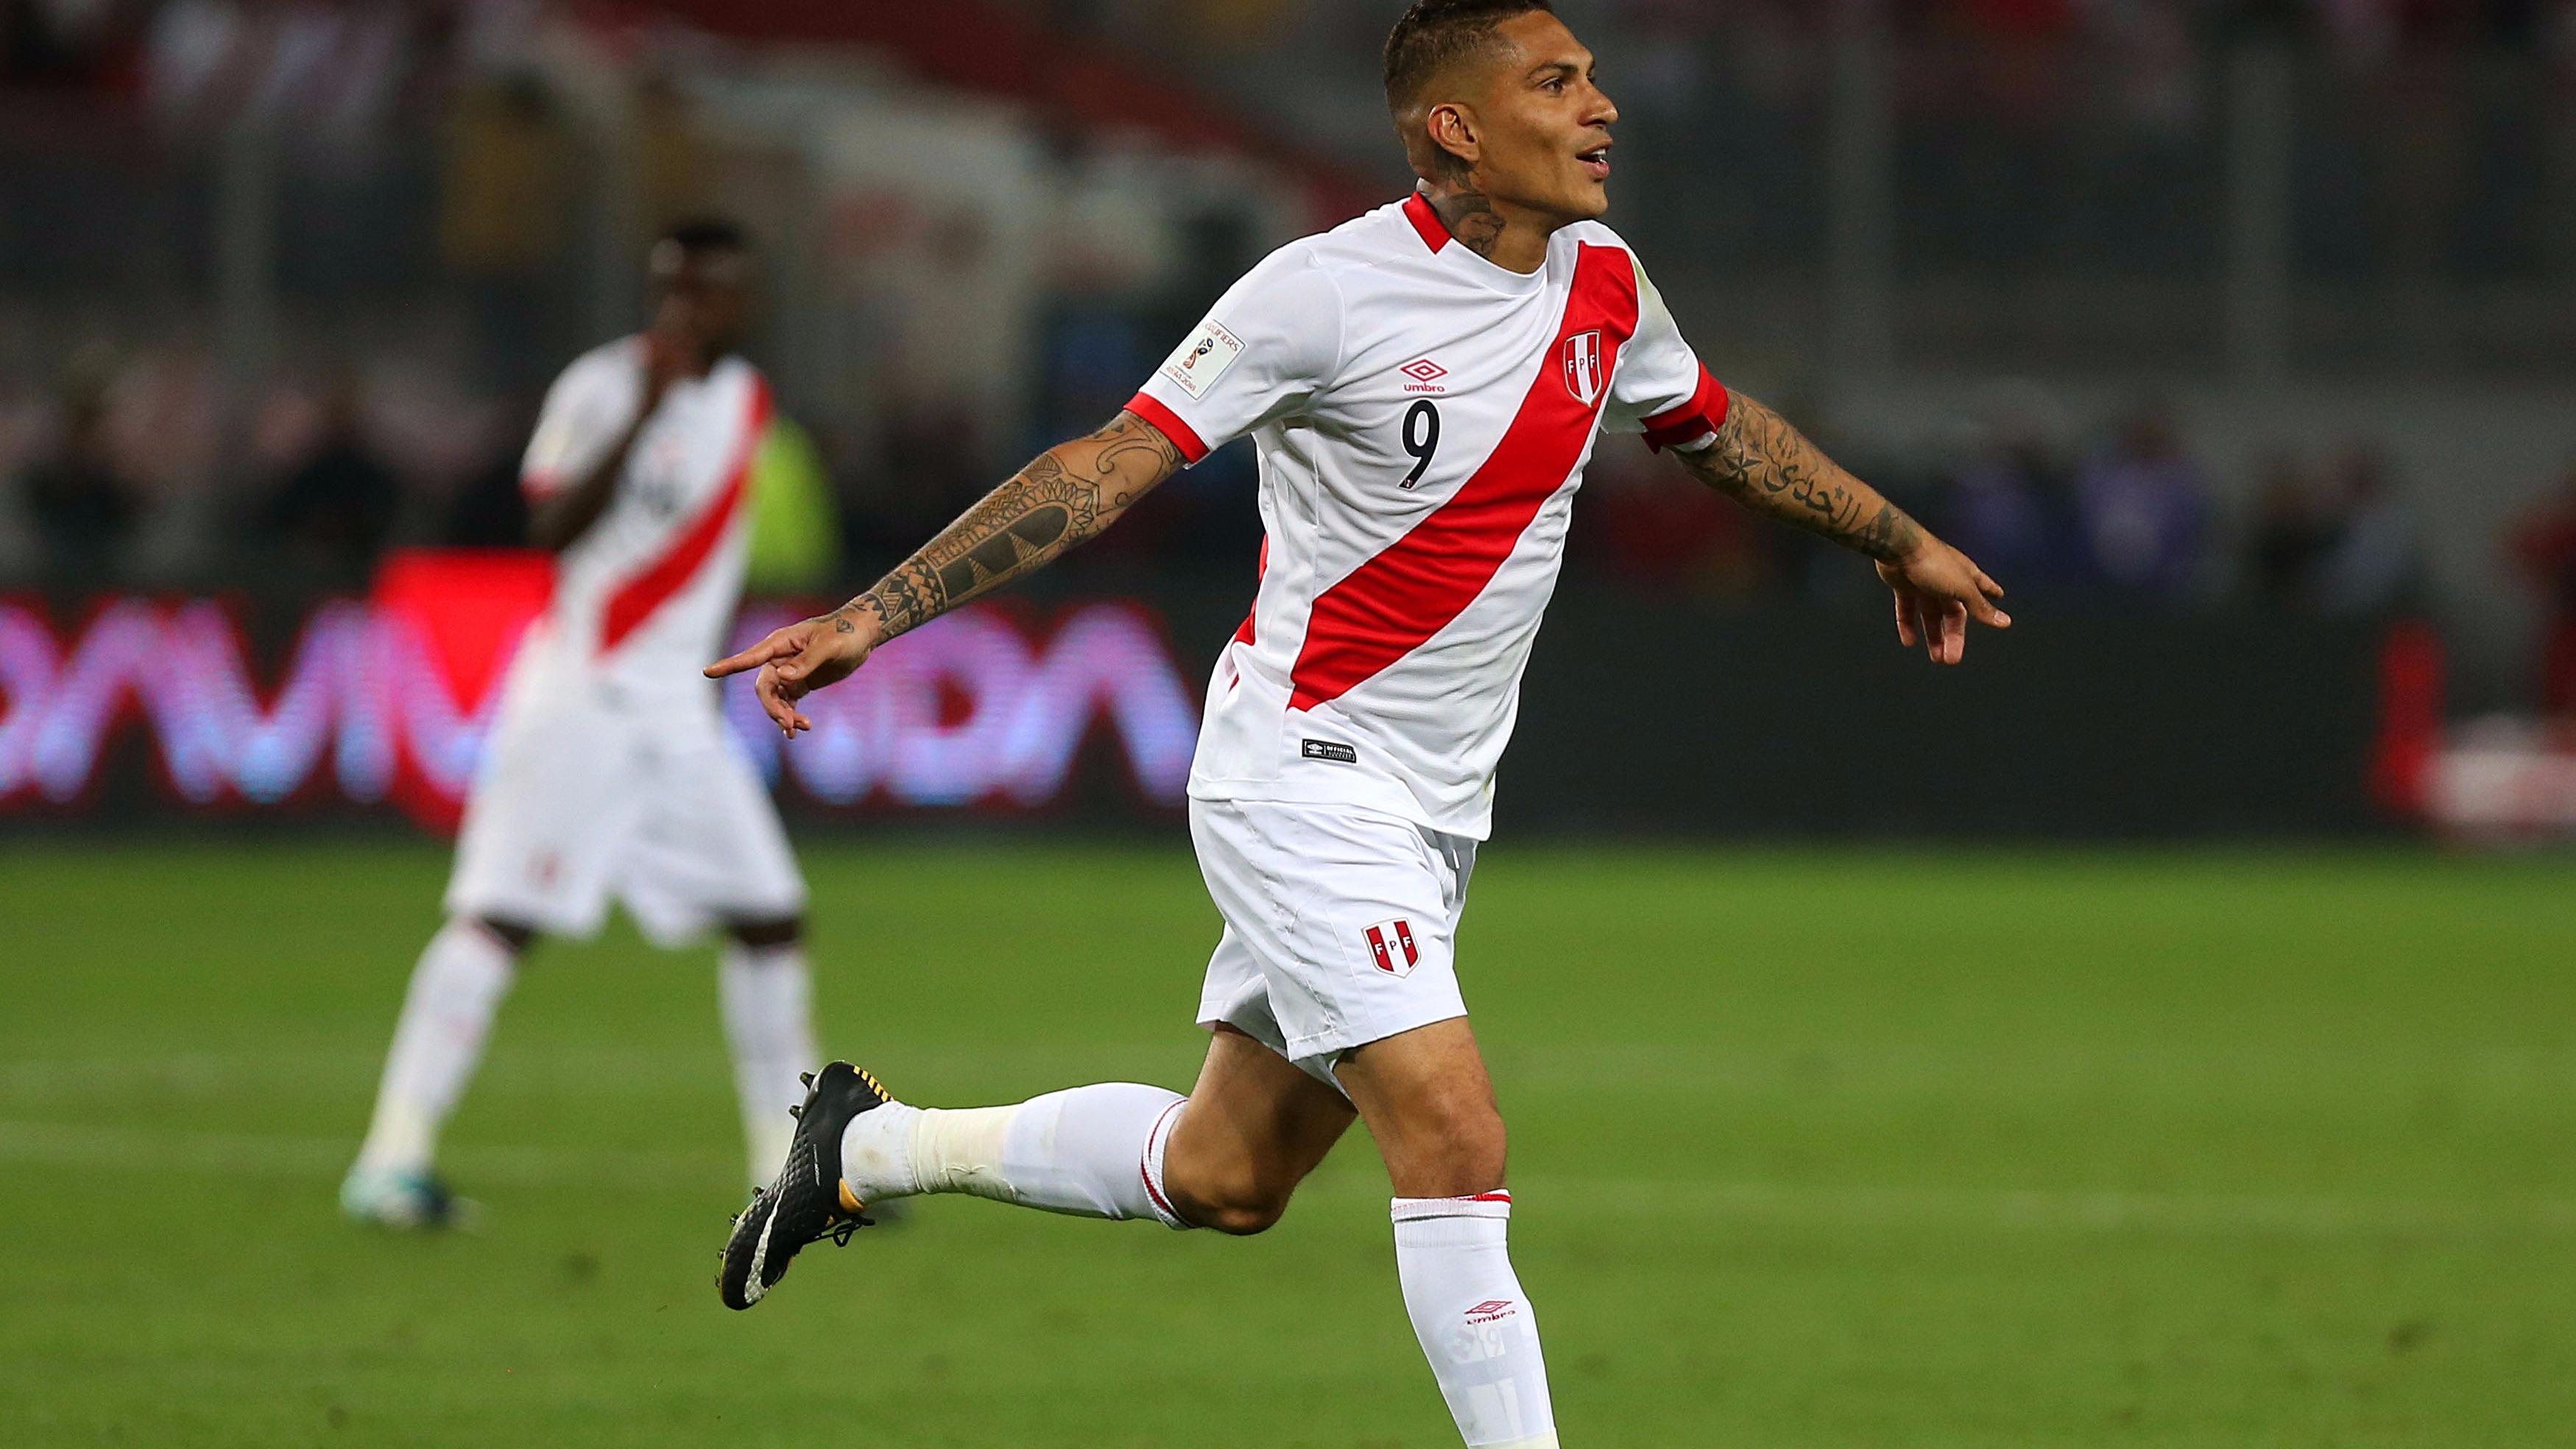 Perú quedó quinto con 26 puntos. EL 6 y 14 de noviembre se jugará su paso al Mundial contra Nueva Zelanda.